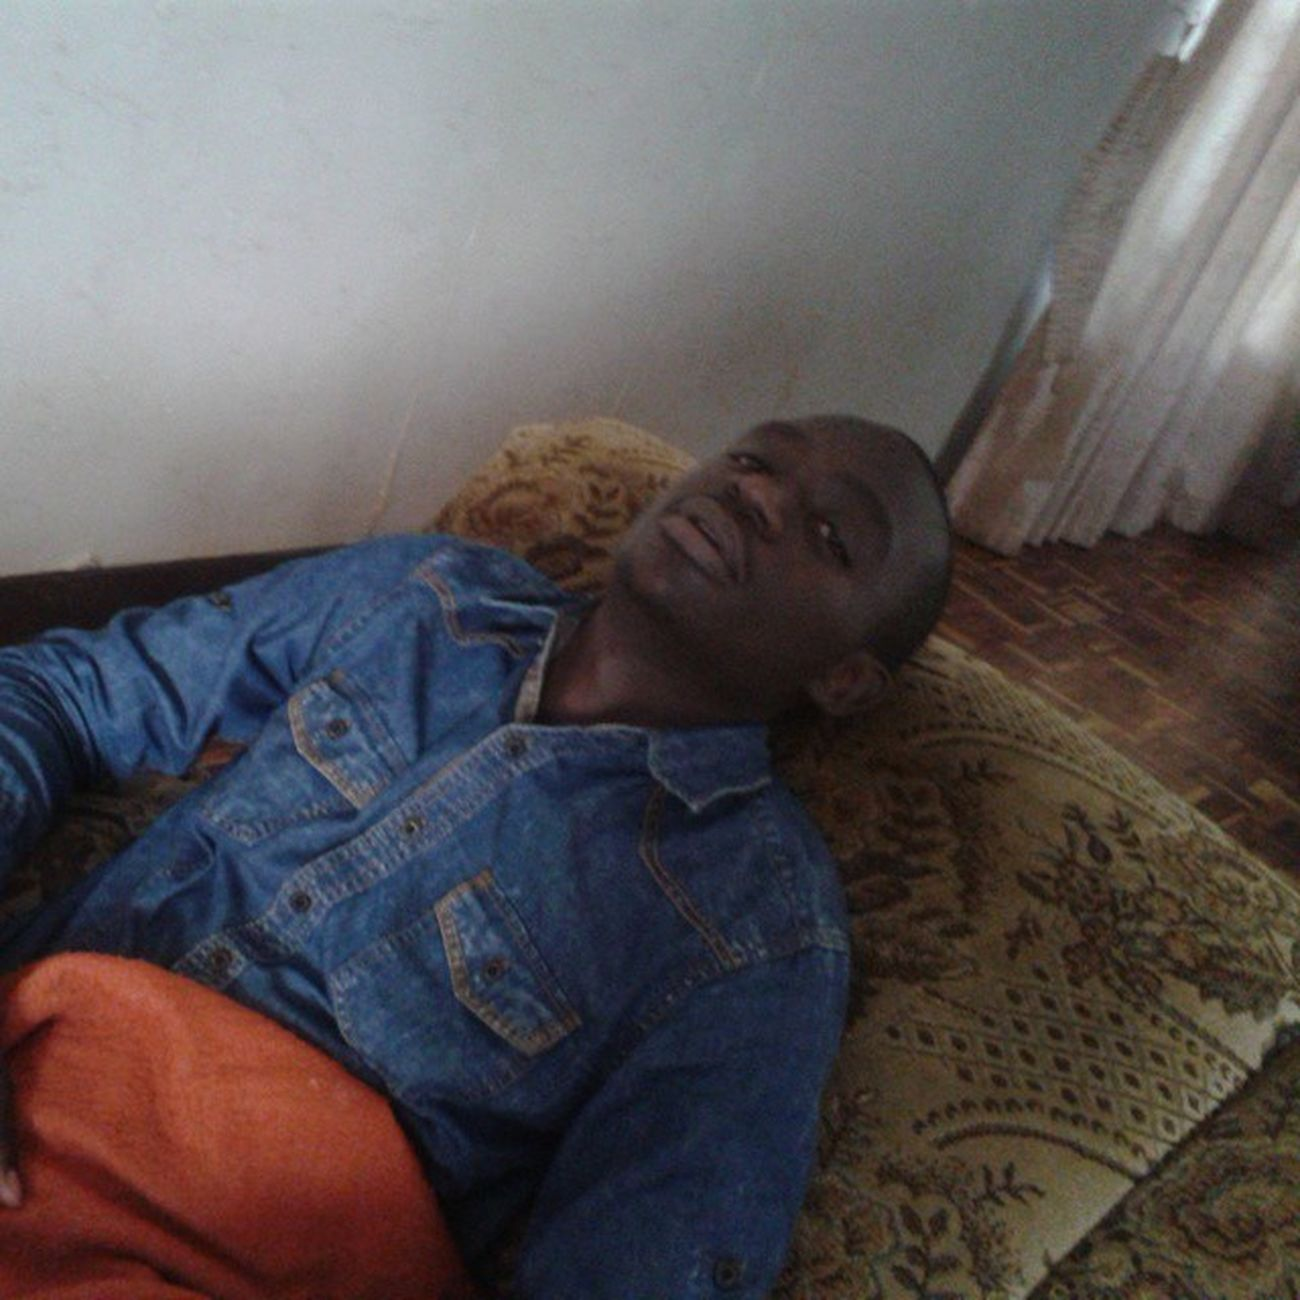 Sams hangover, oloba dead